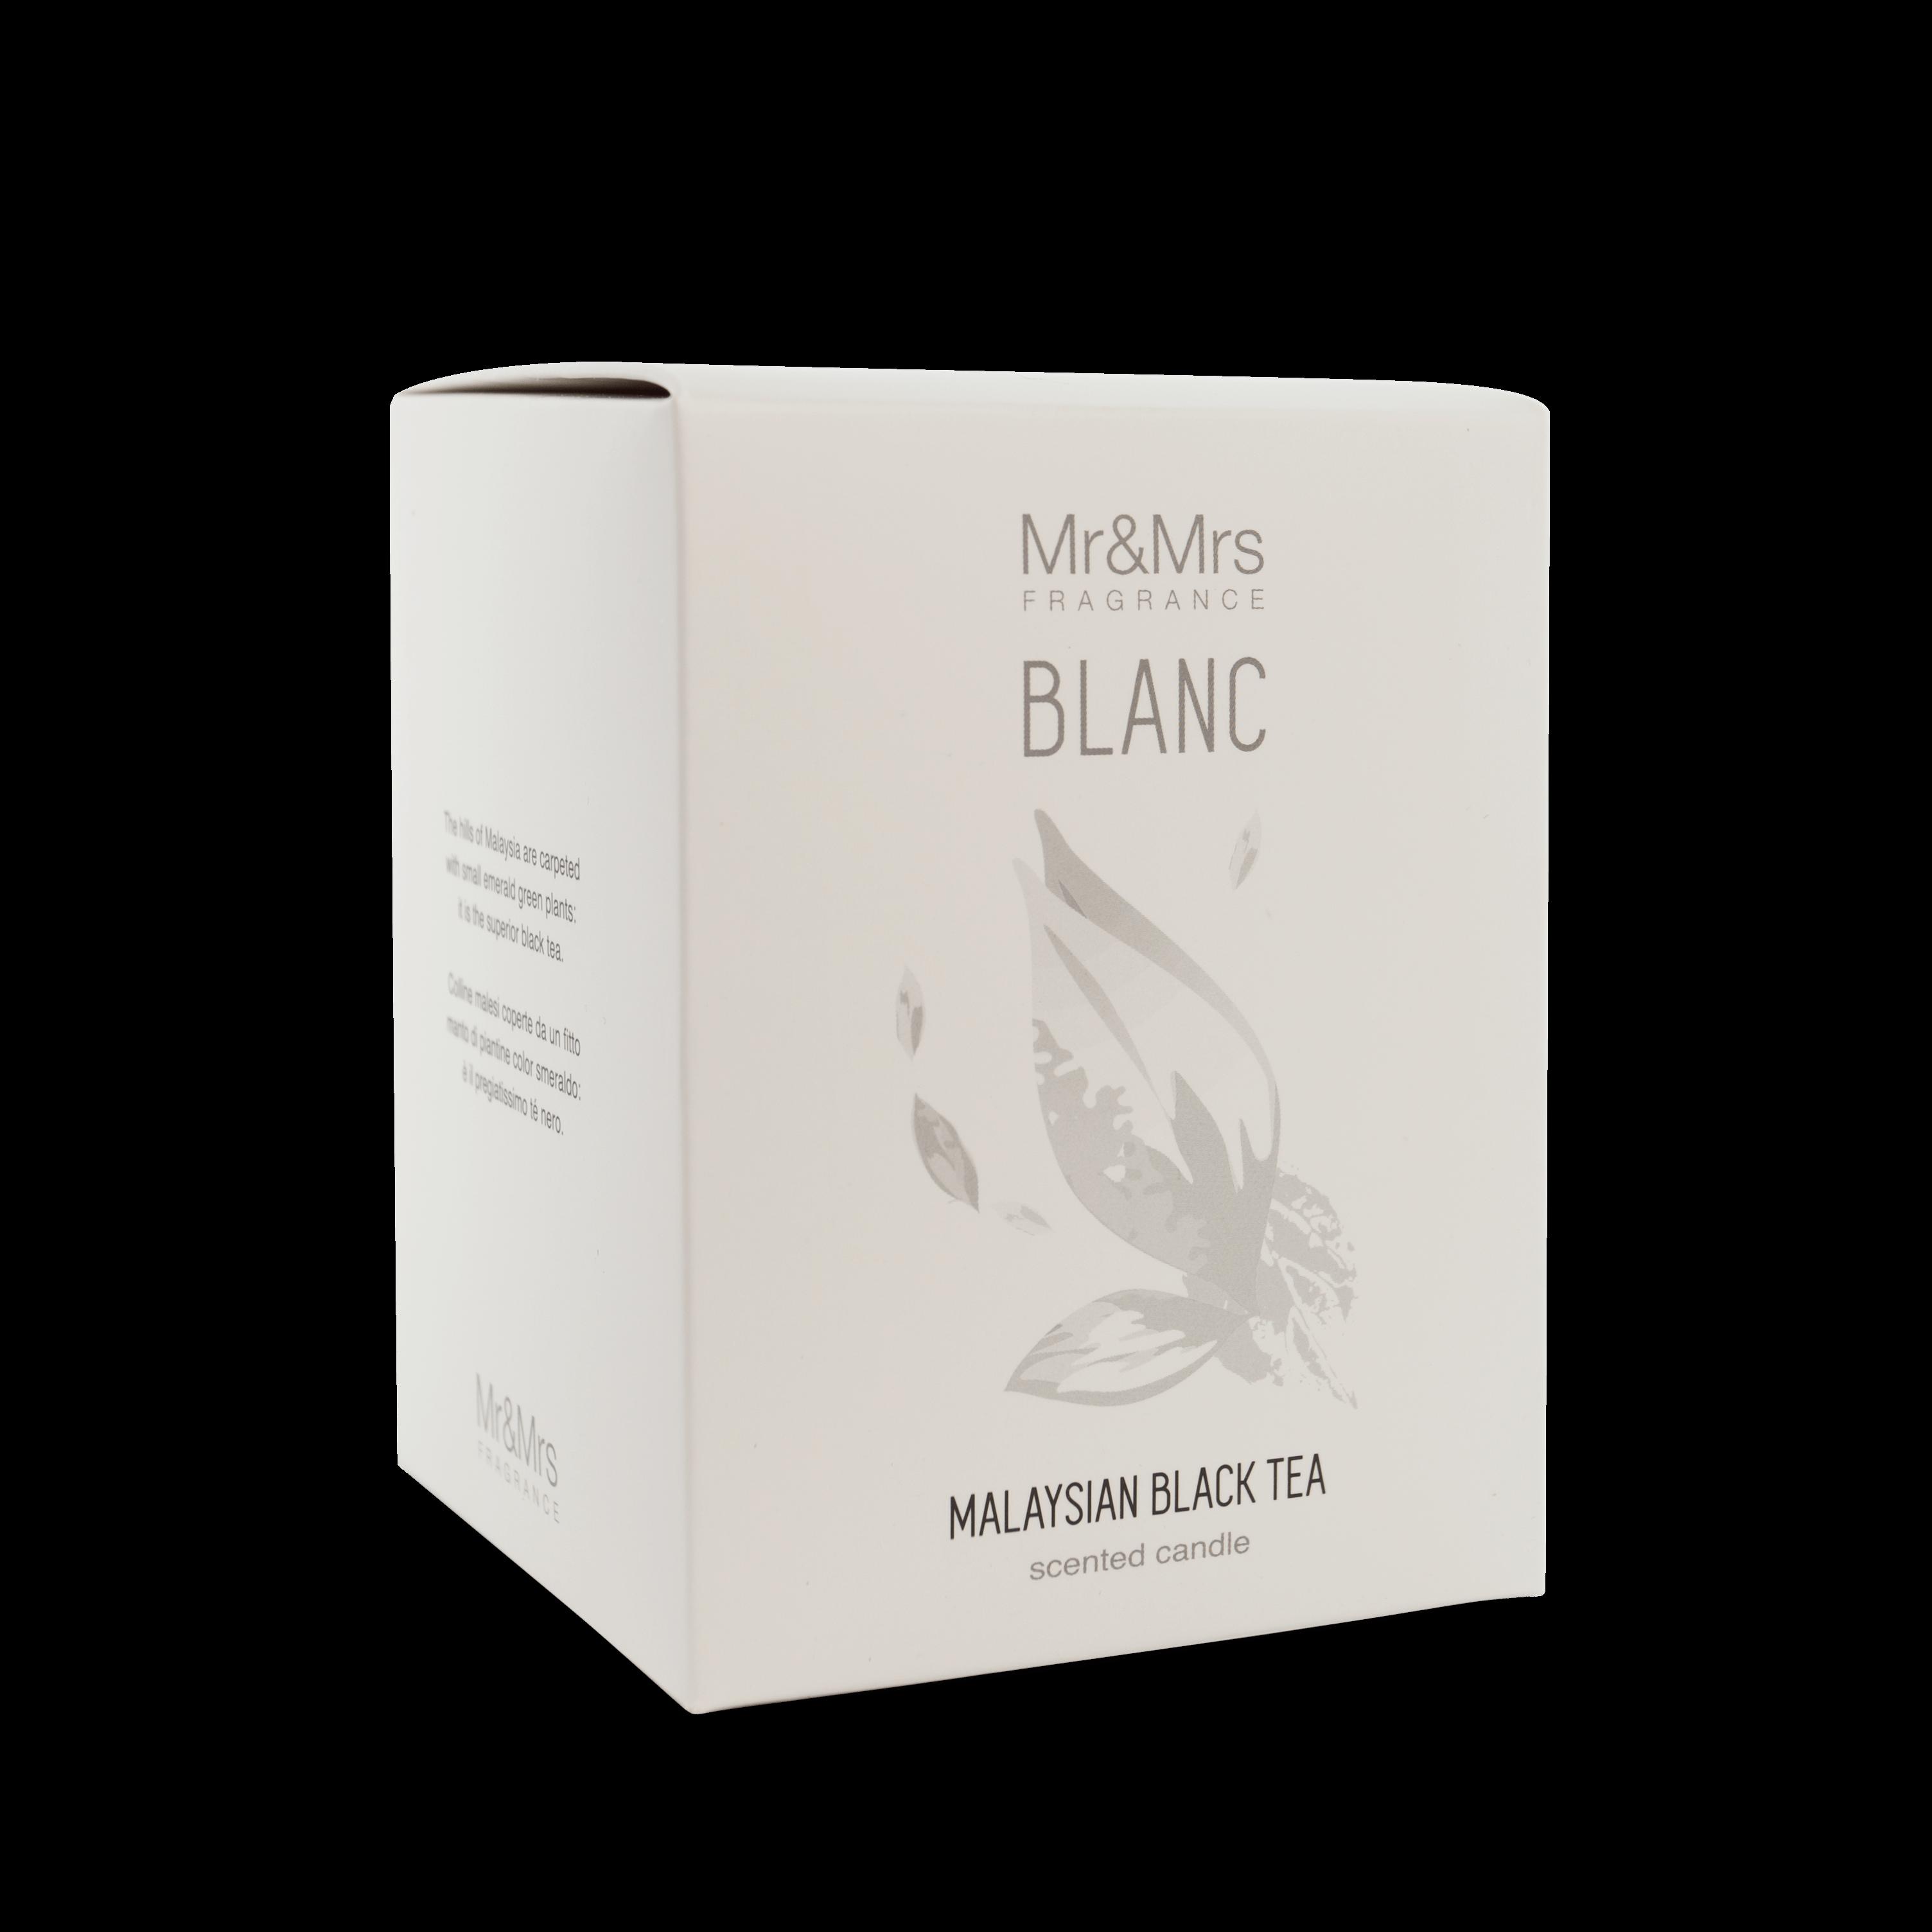 Mr&Mrs Fragrance MR&MRS FRAGRANCE VONNÁ SVÍČKA BLANC - MALAYSIAN BLACK TEA, 250 g